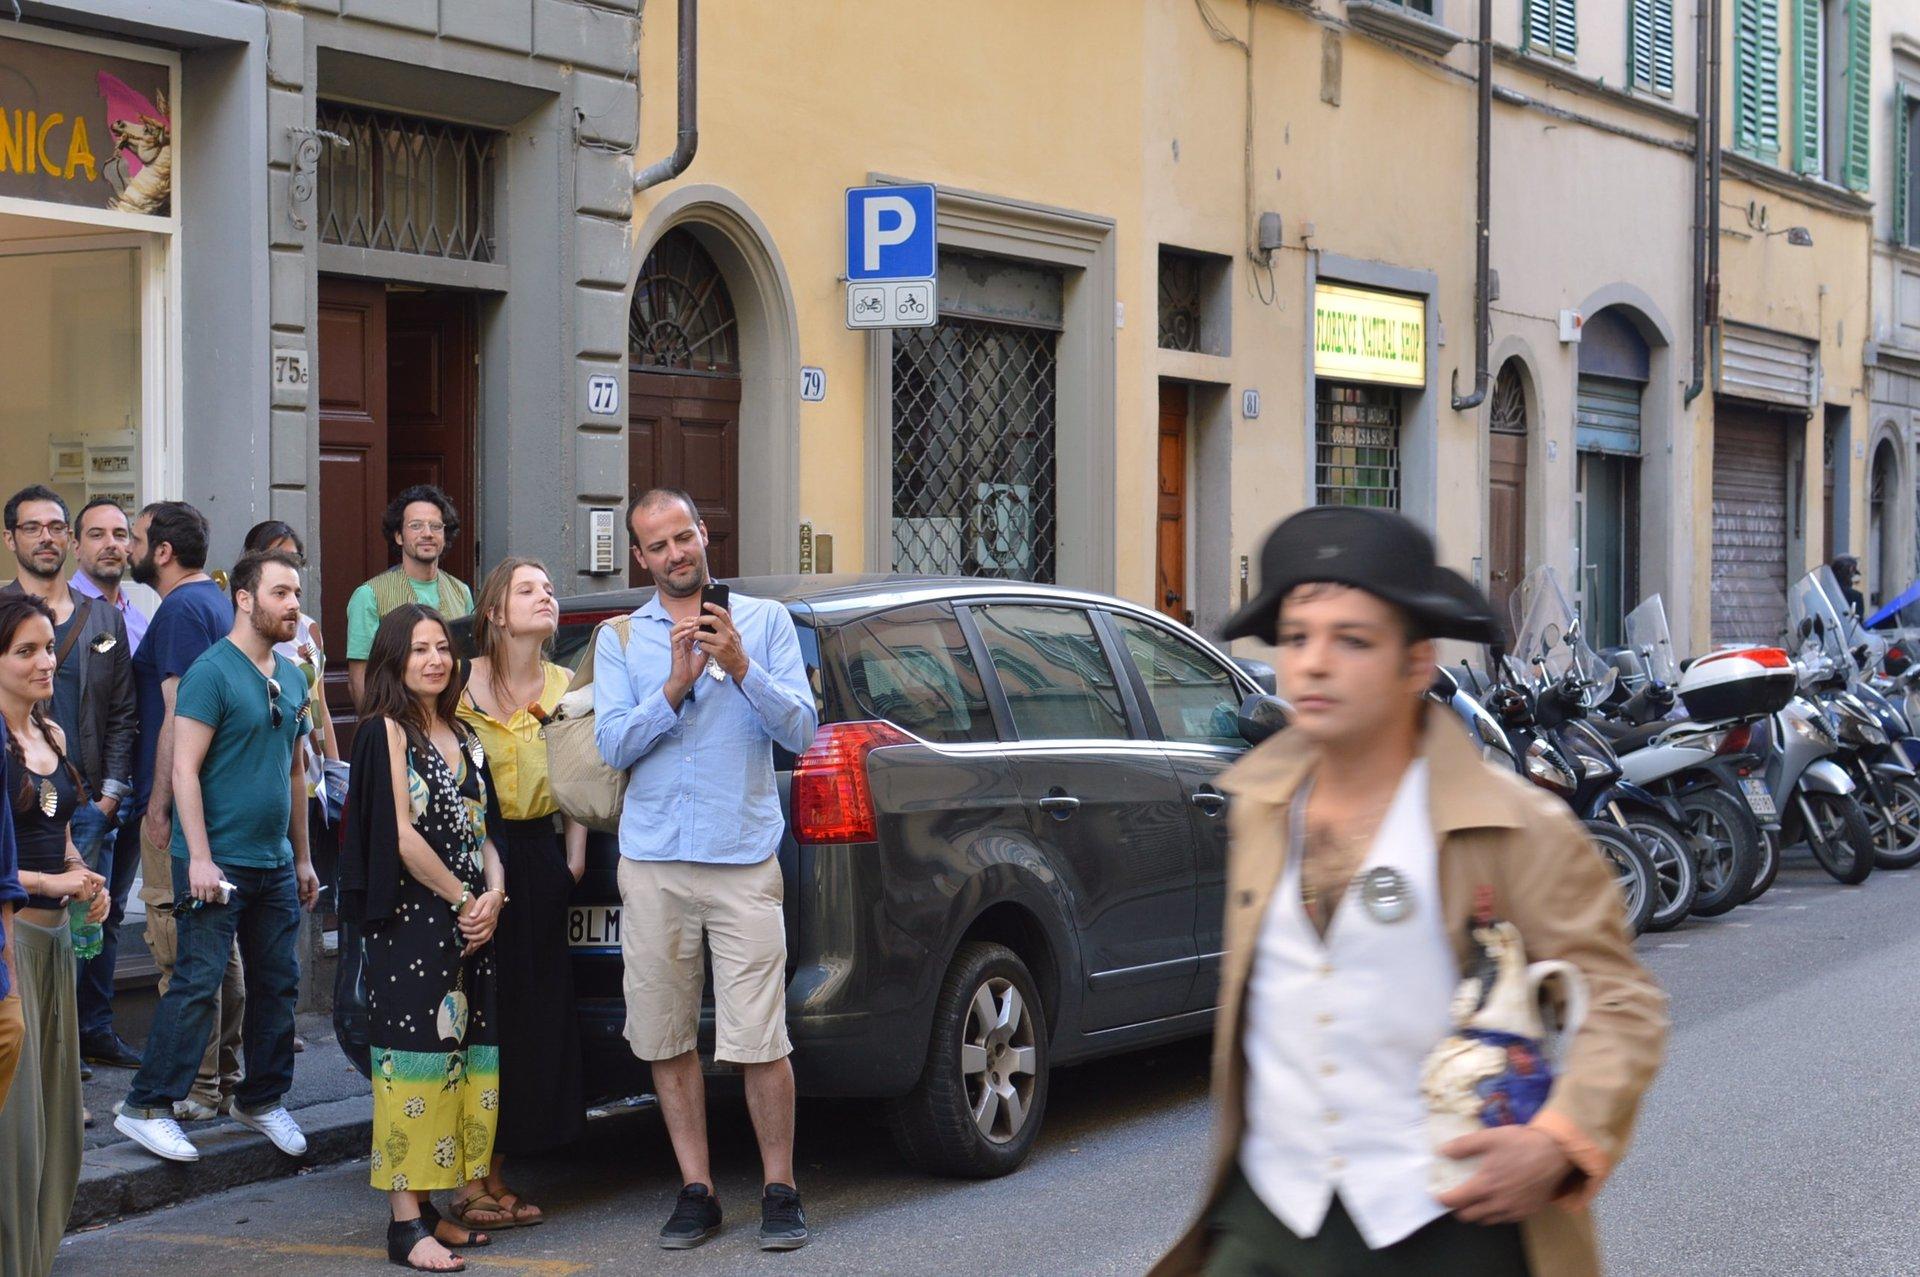 IlGattaRossa - 21 Jun 2016 - Mistica Napoleonica - DSC_0406